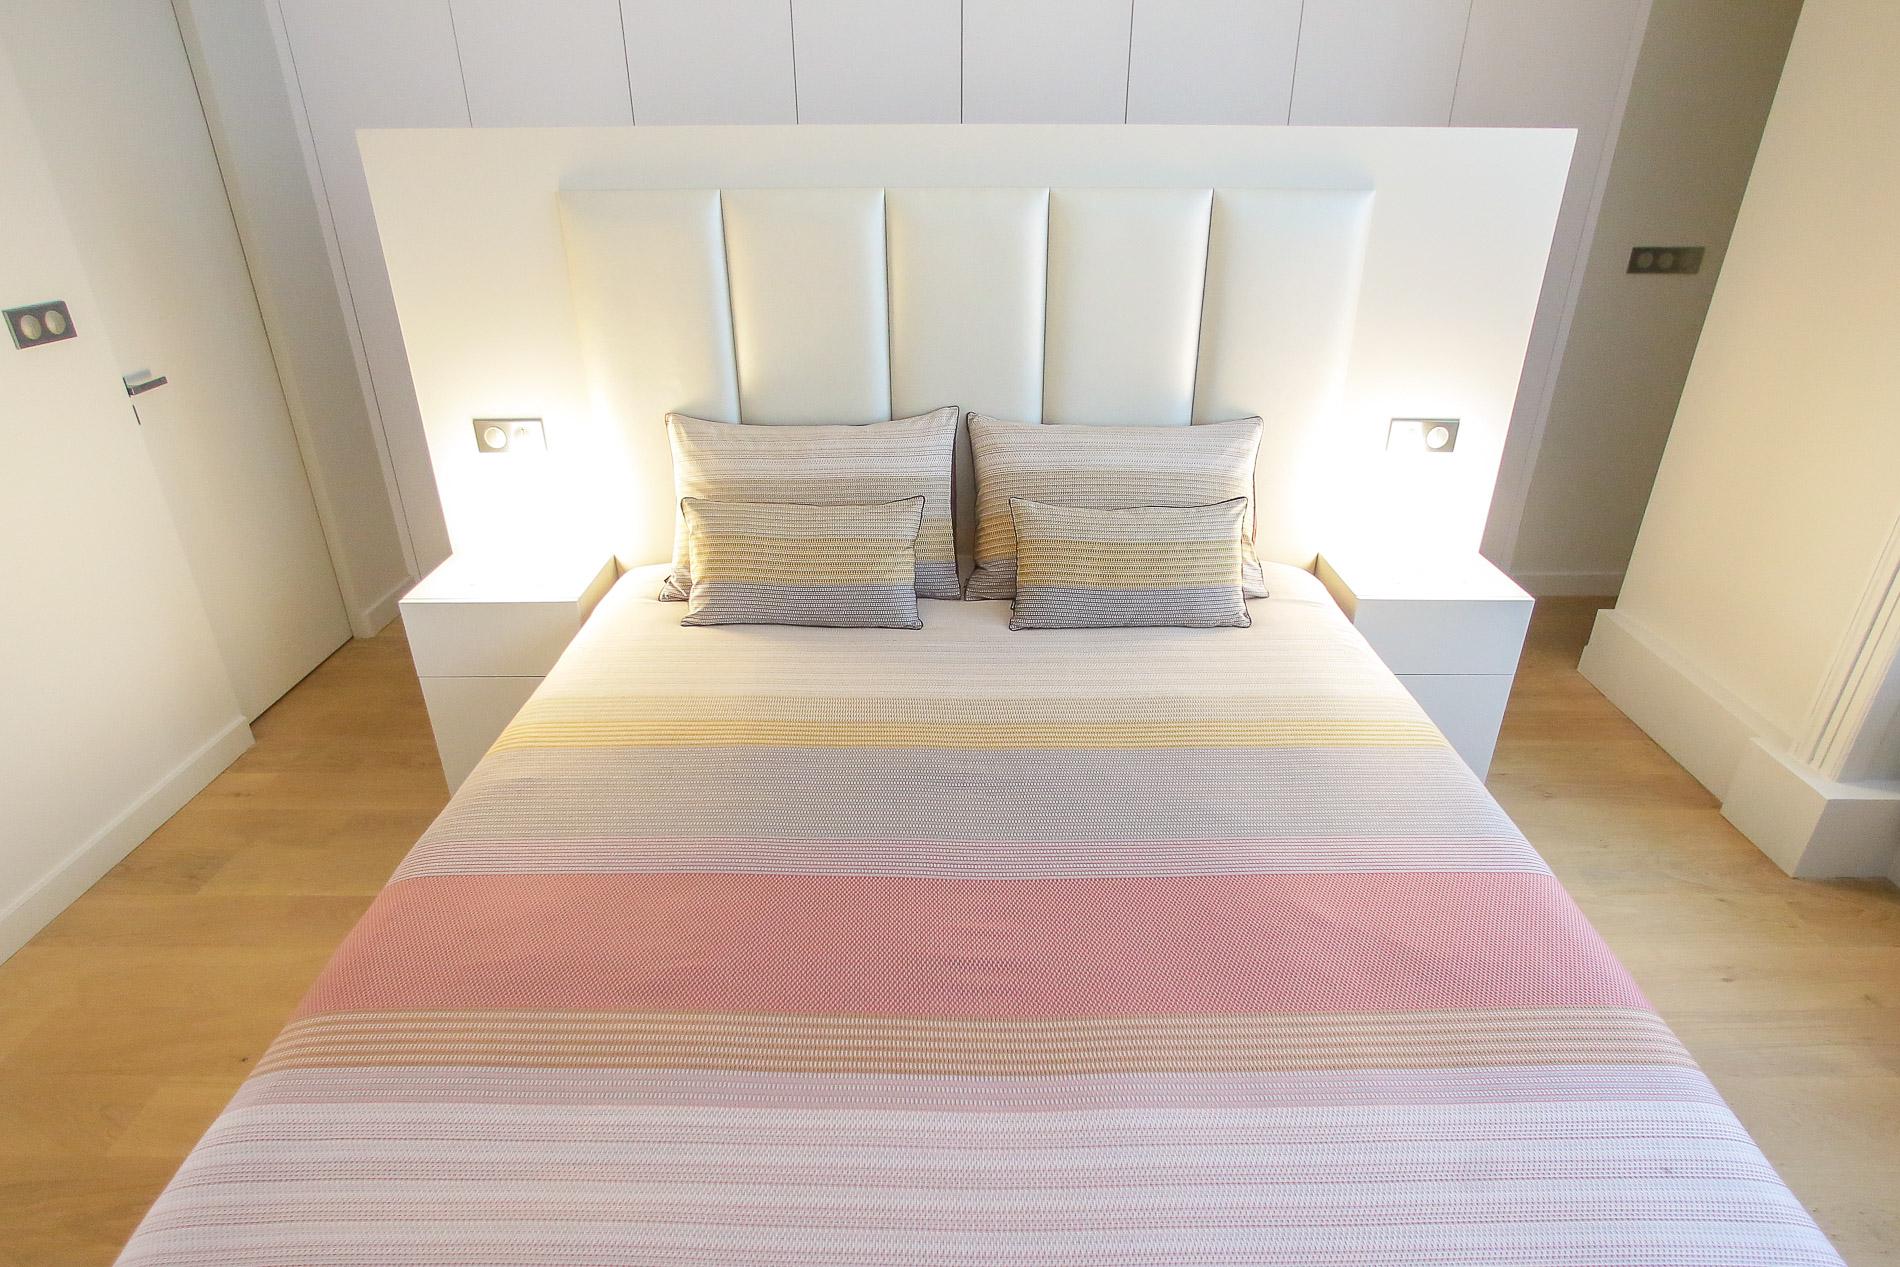 d coratrice d 39 int rieurs travaux appartement lyon 2 agencement chambre t te de lit sur mesure. Black Bedroom Furniture Sets. Home Design Ideas